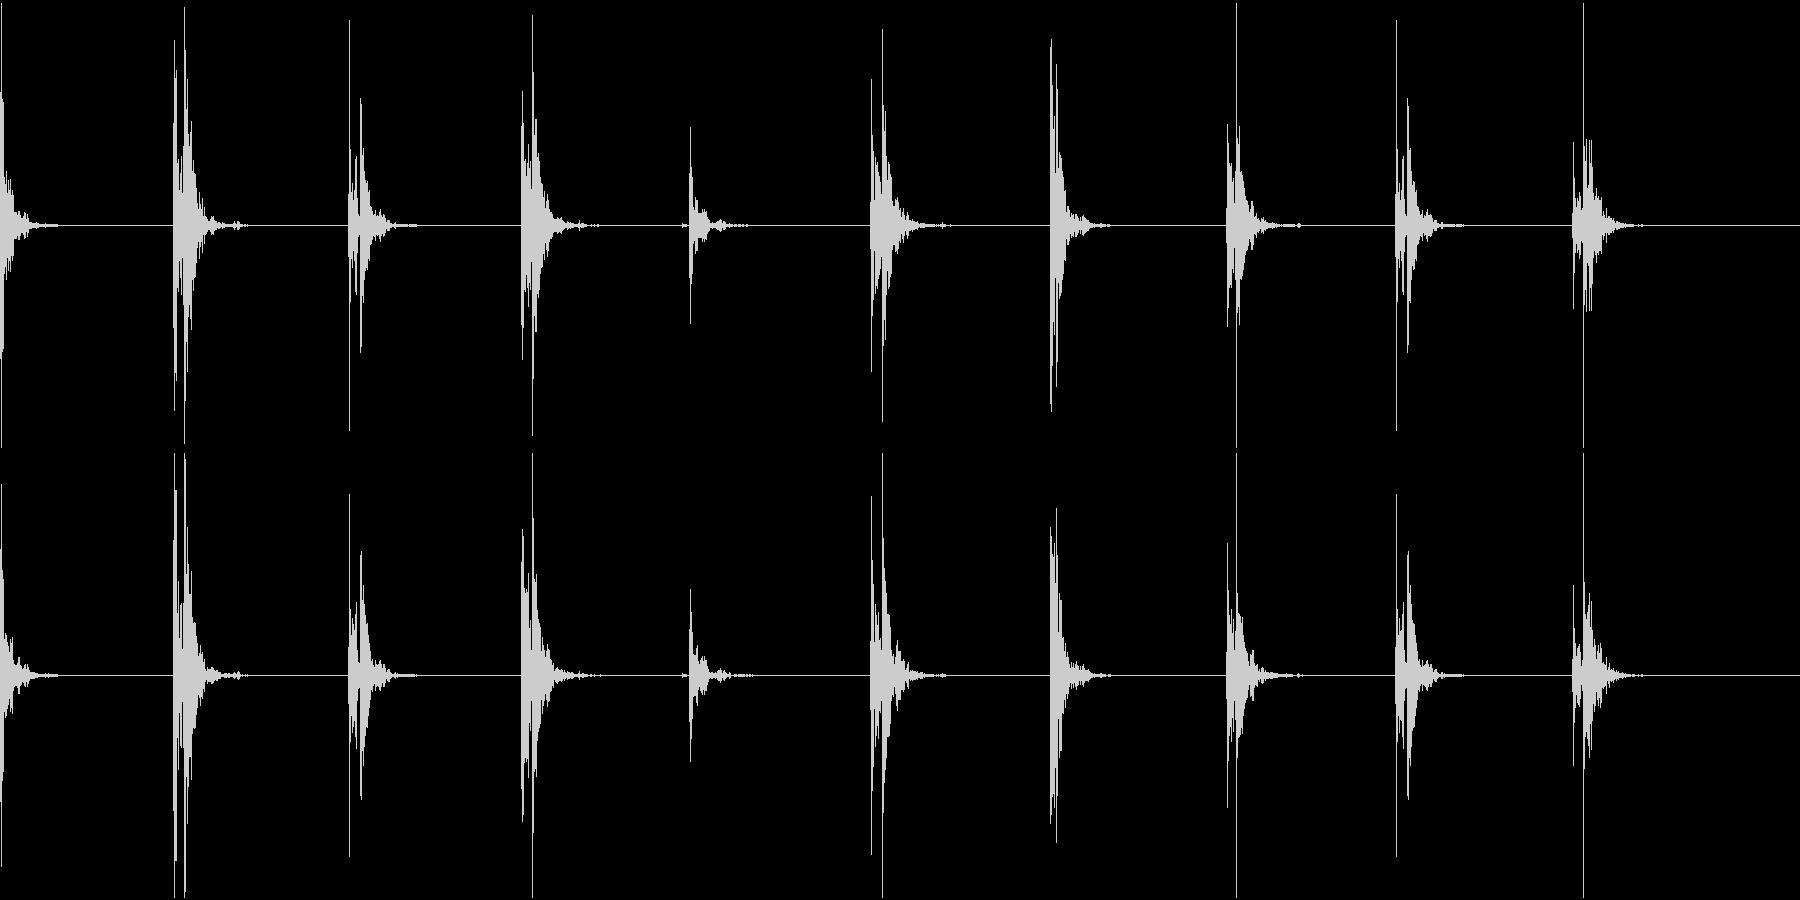 【生録音】足音2 スリッパorスニーカーの未再生の波形